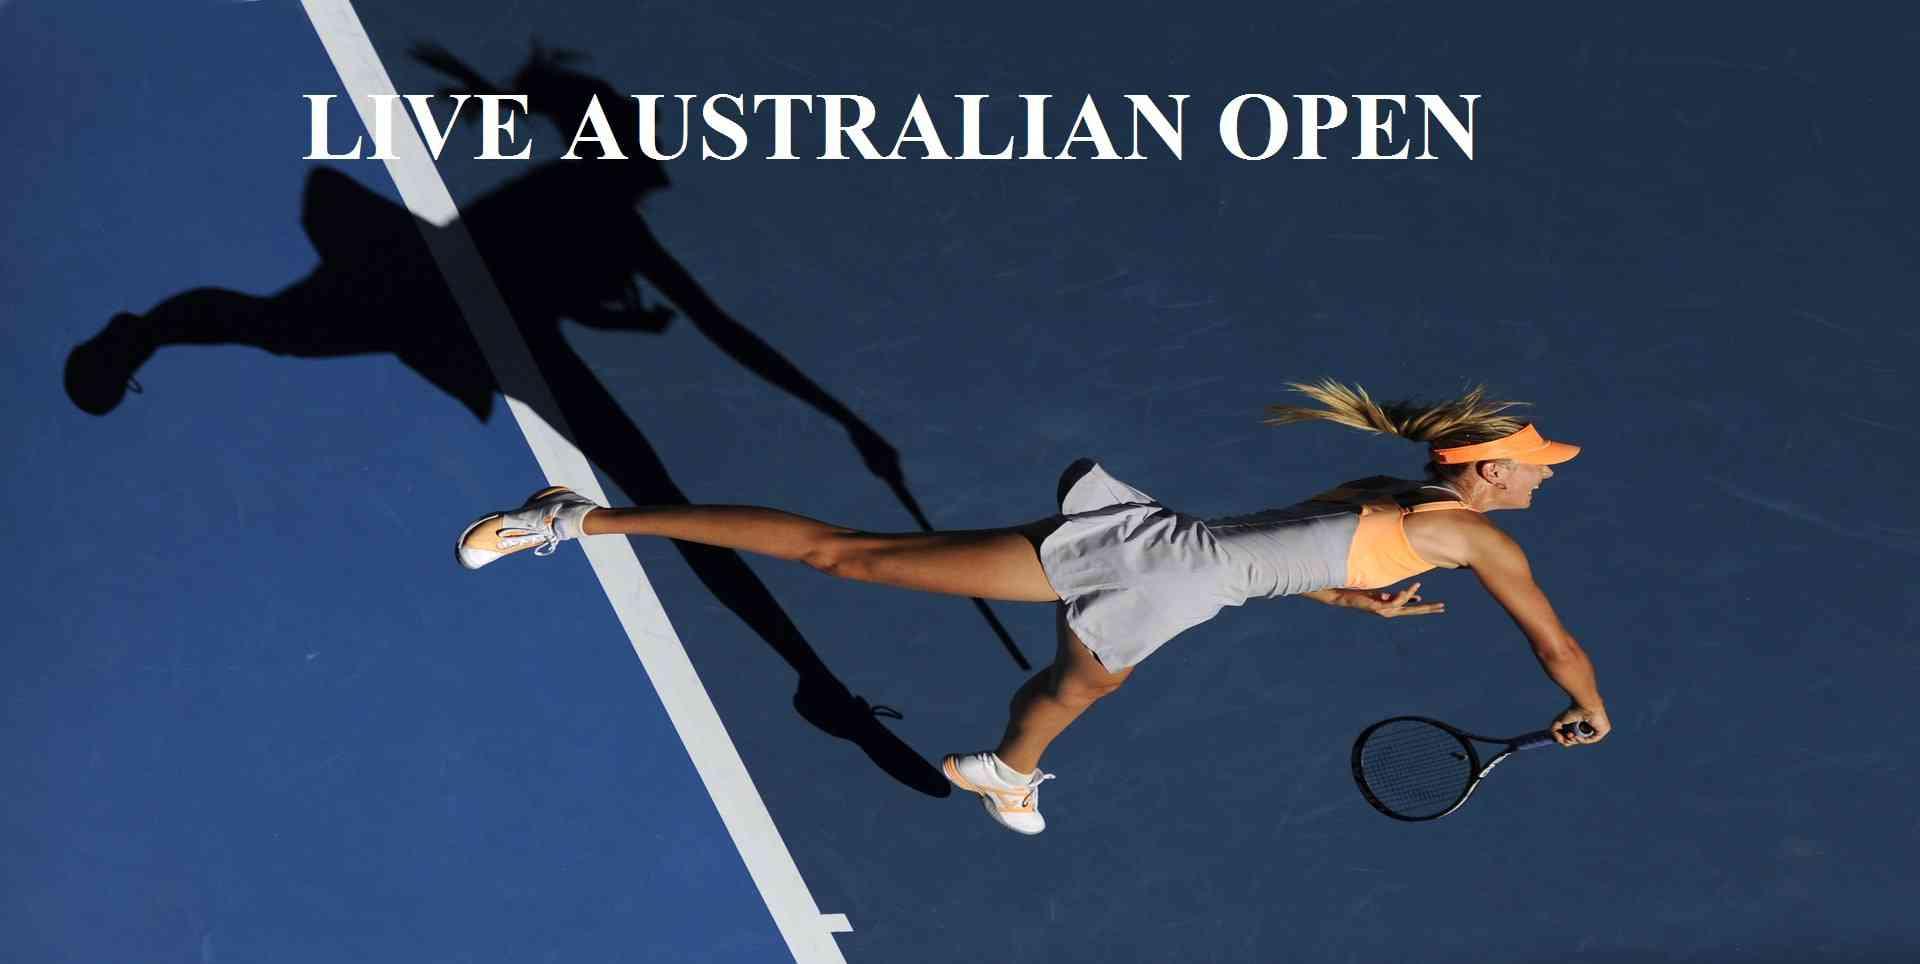 Grand Slam Australian Open 2014